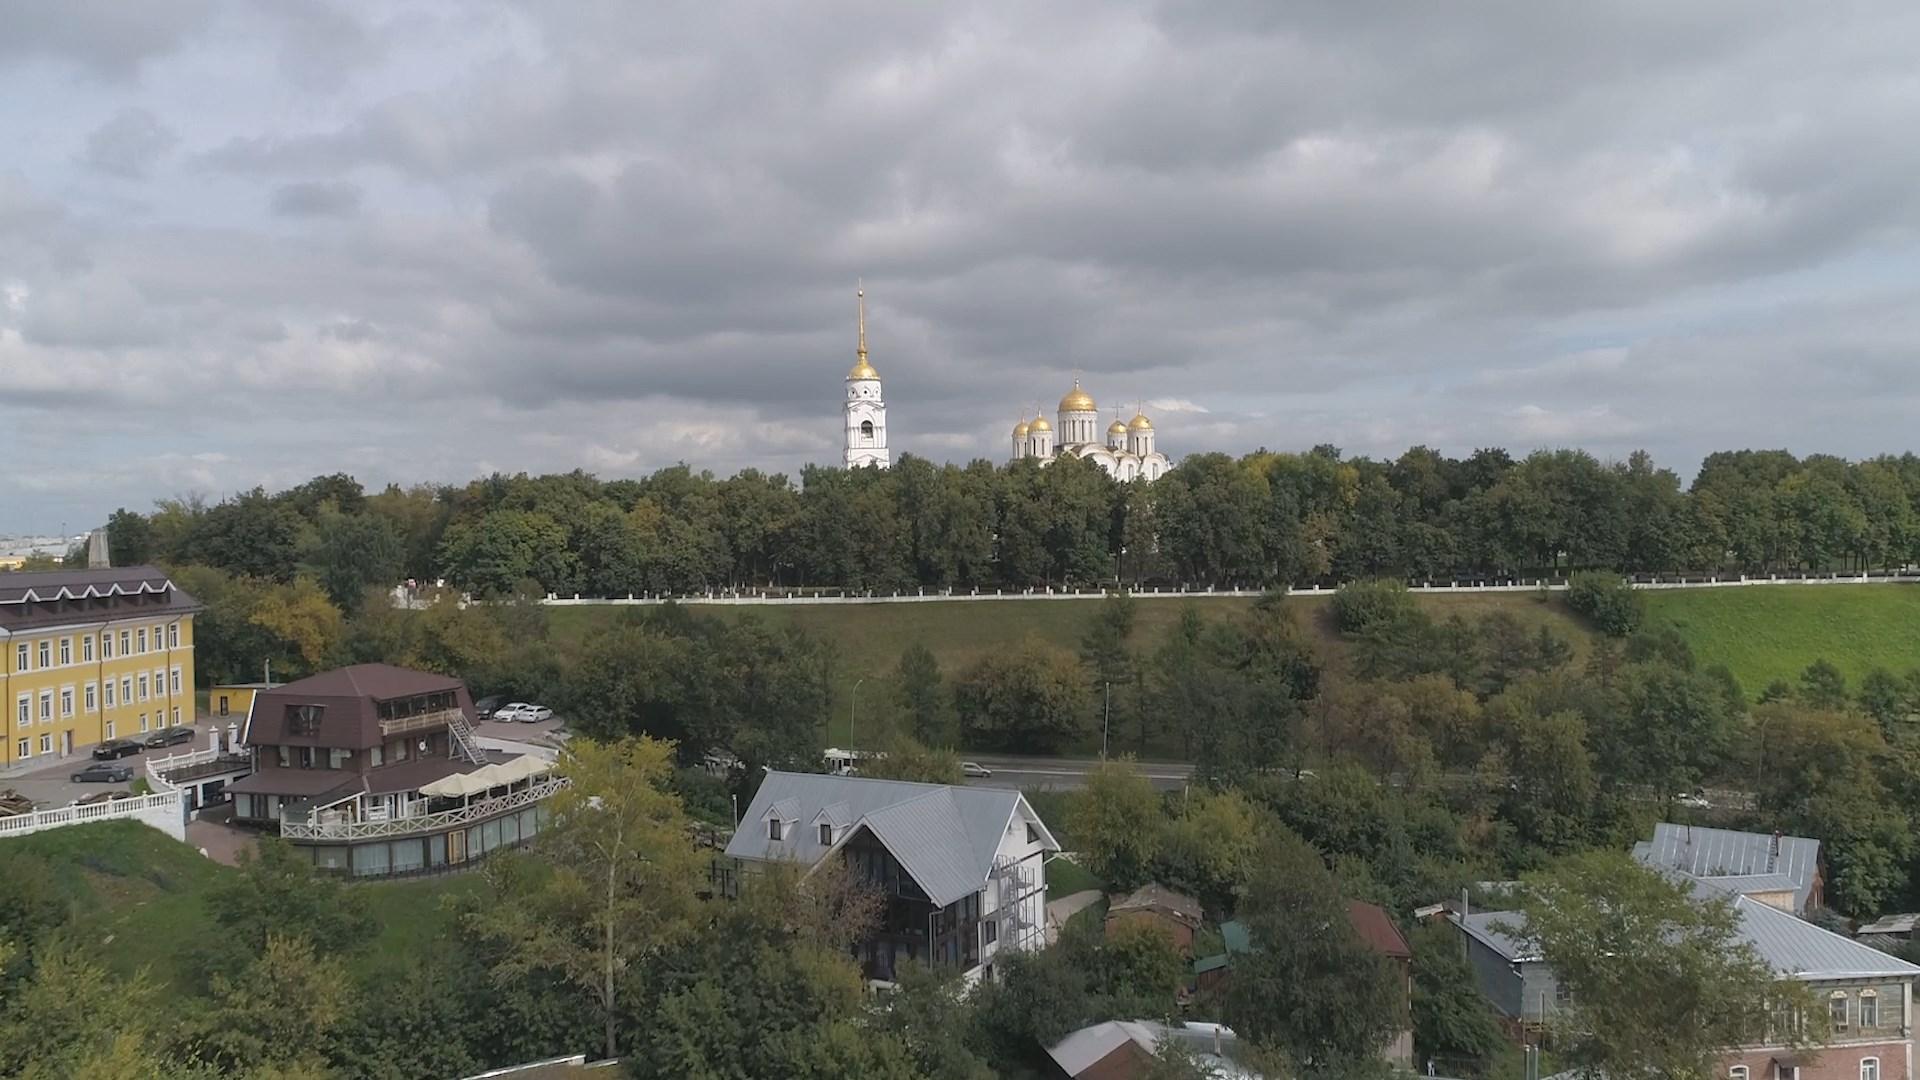 Во Владимирской области рассматривают вопрос о переходе к третьему этапу снятия коронавирусных ограничений